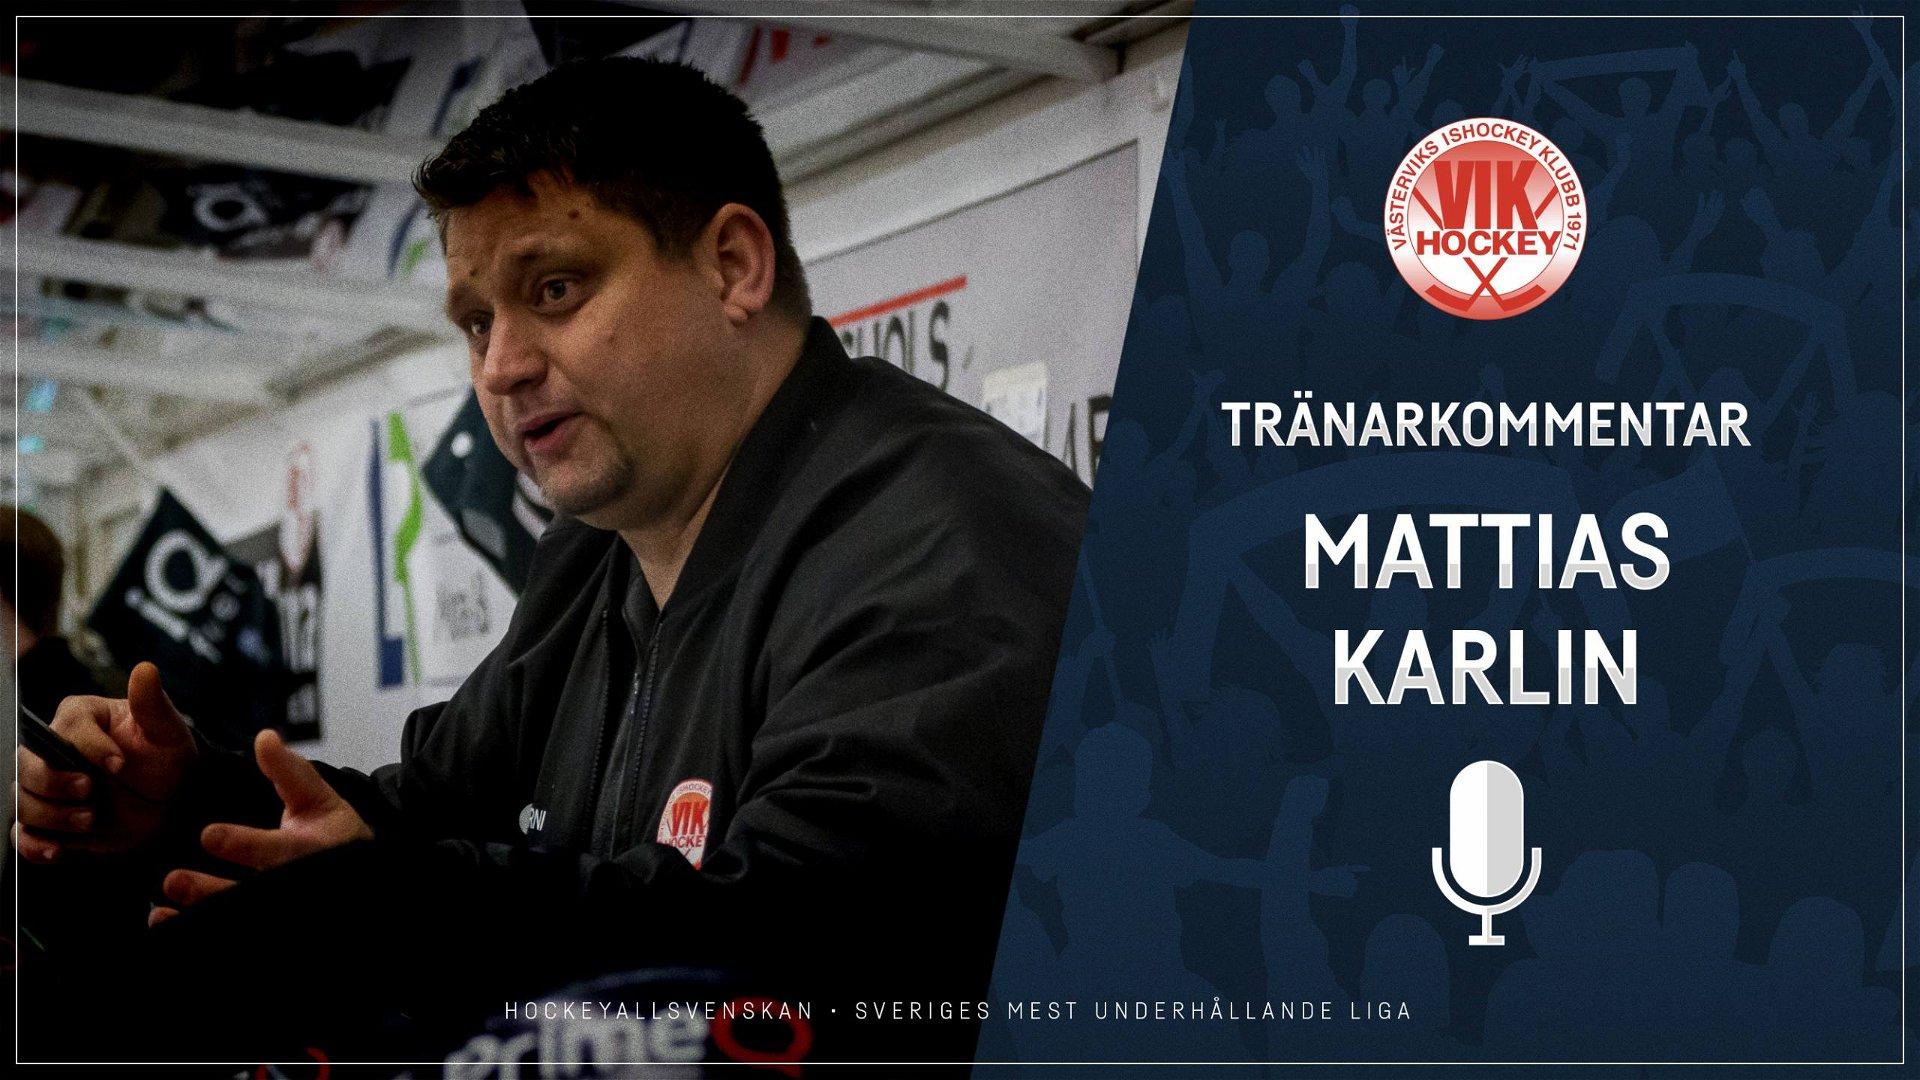 2021-02-24 Segerintervju: Mattias Karlin